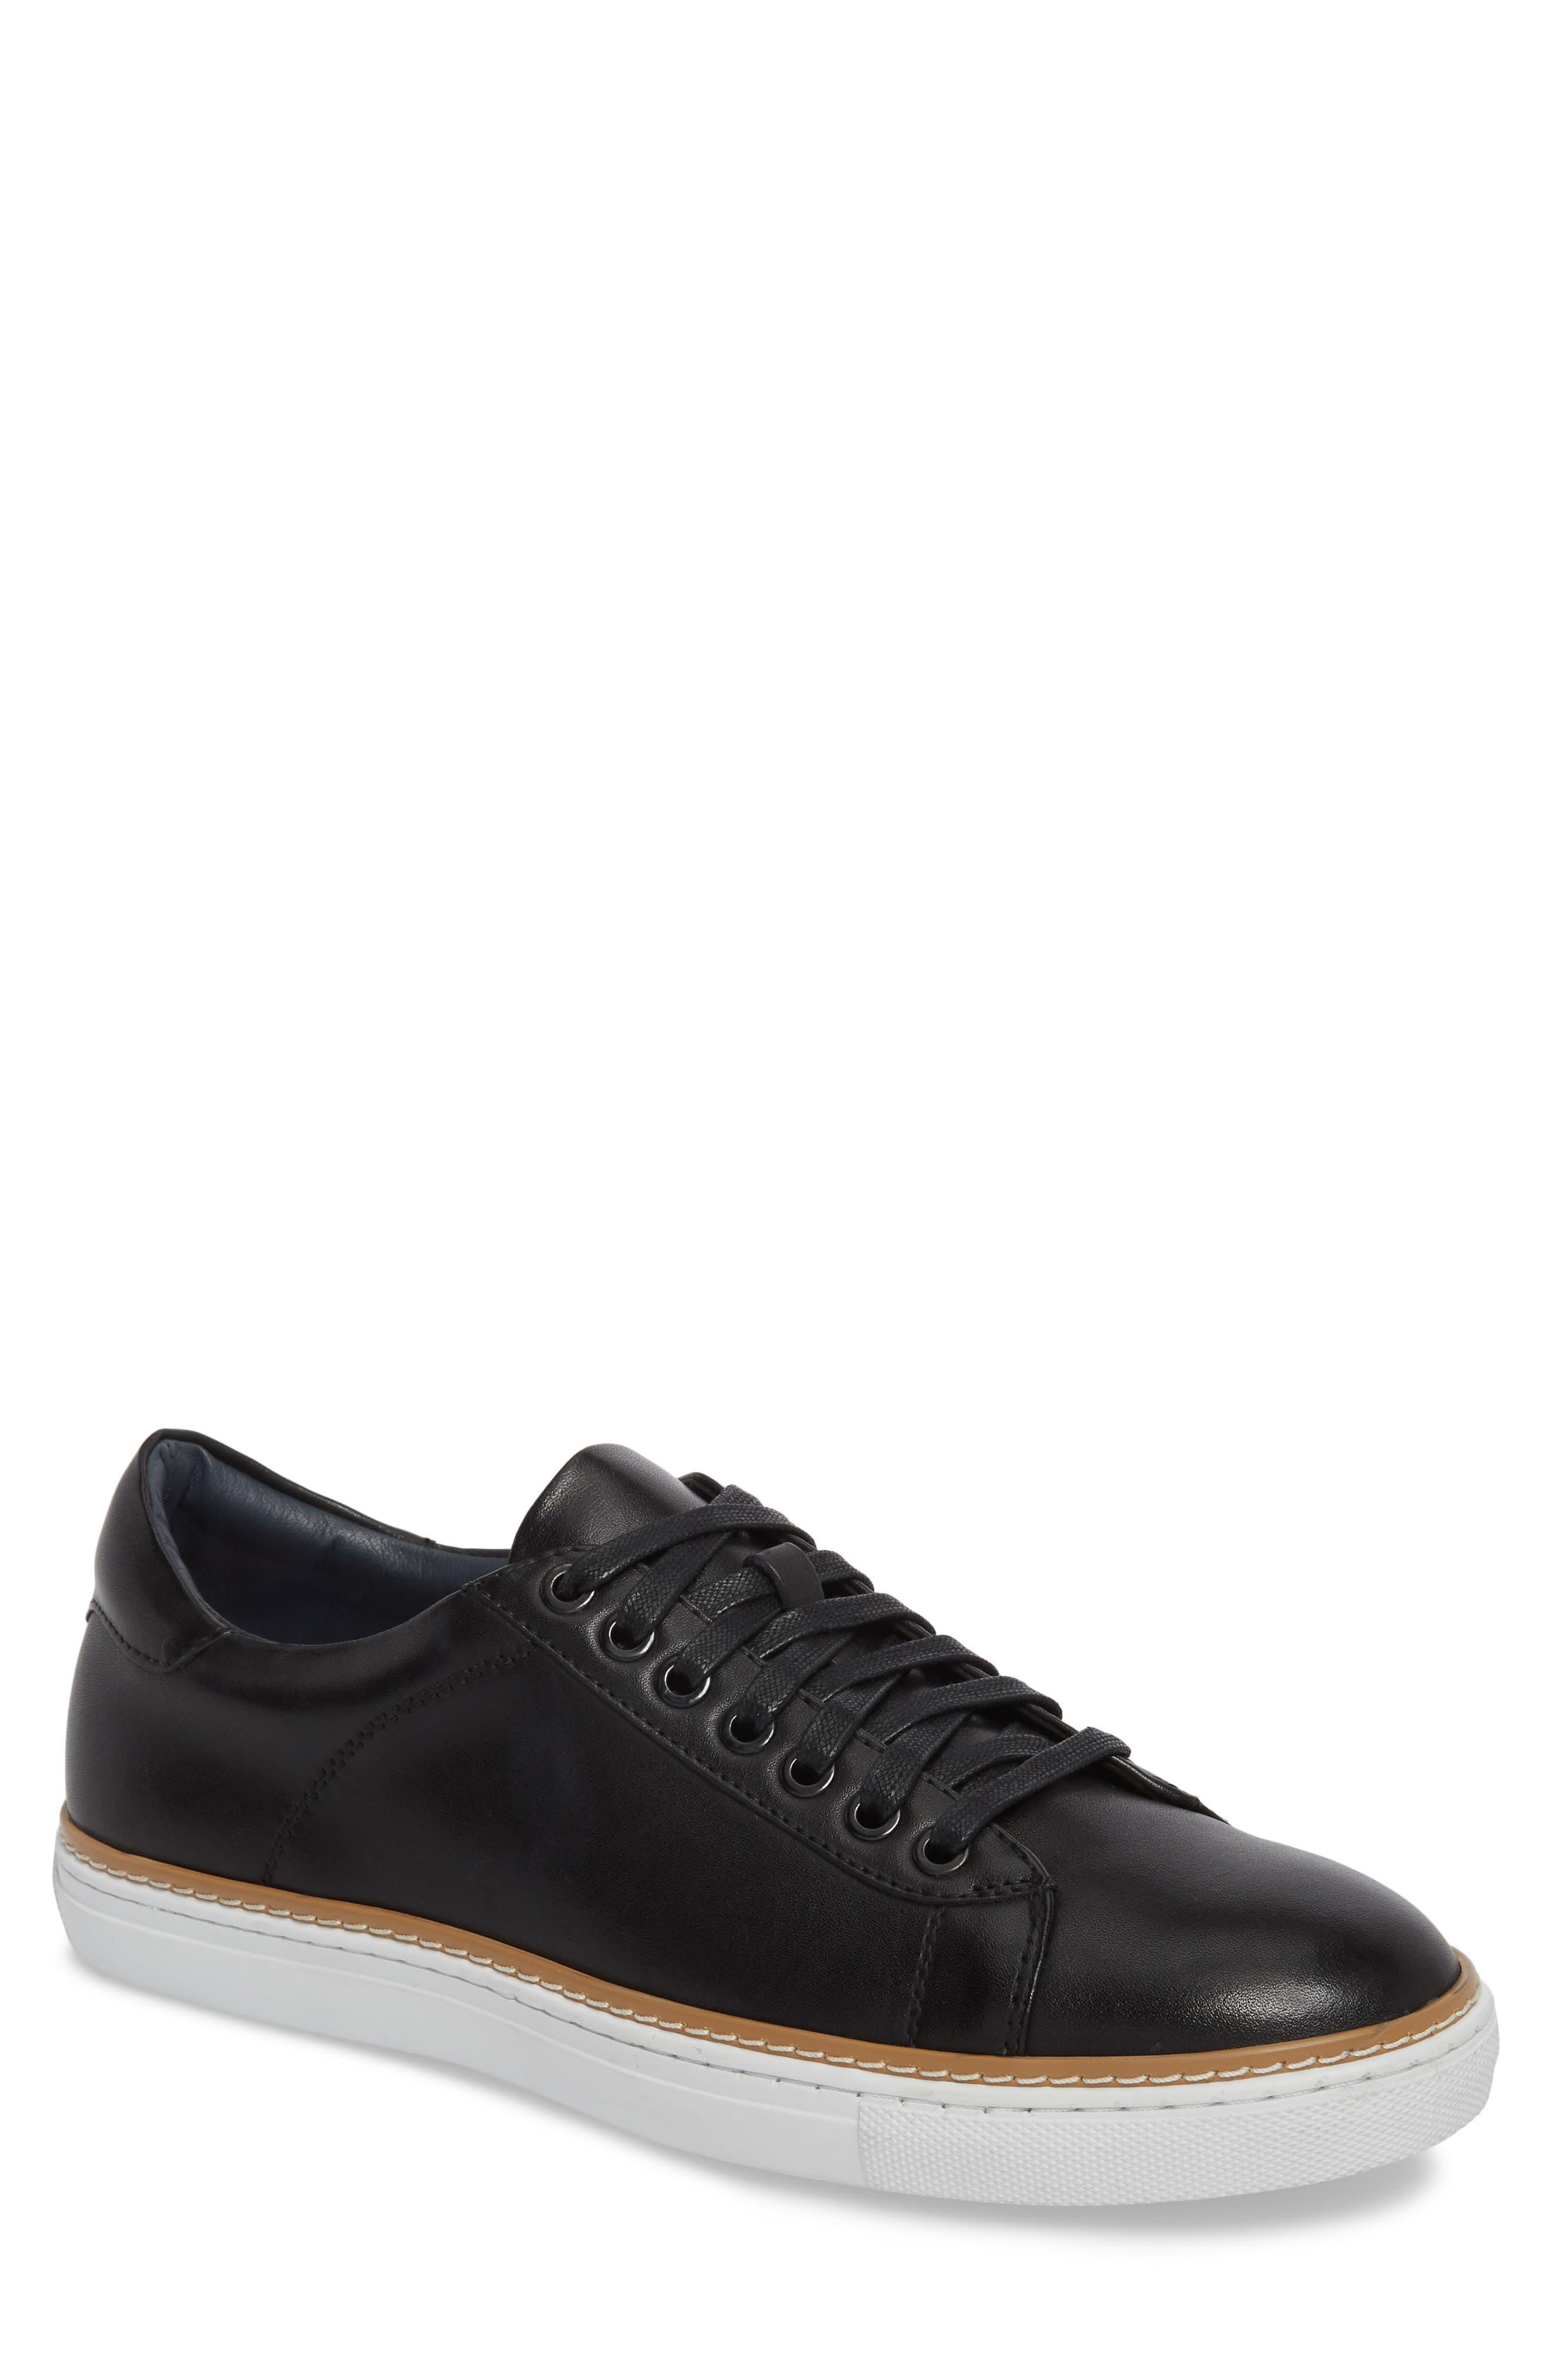 Juniper Low Top Sneaker,                         Main,                         color, BLACK LEATHER